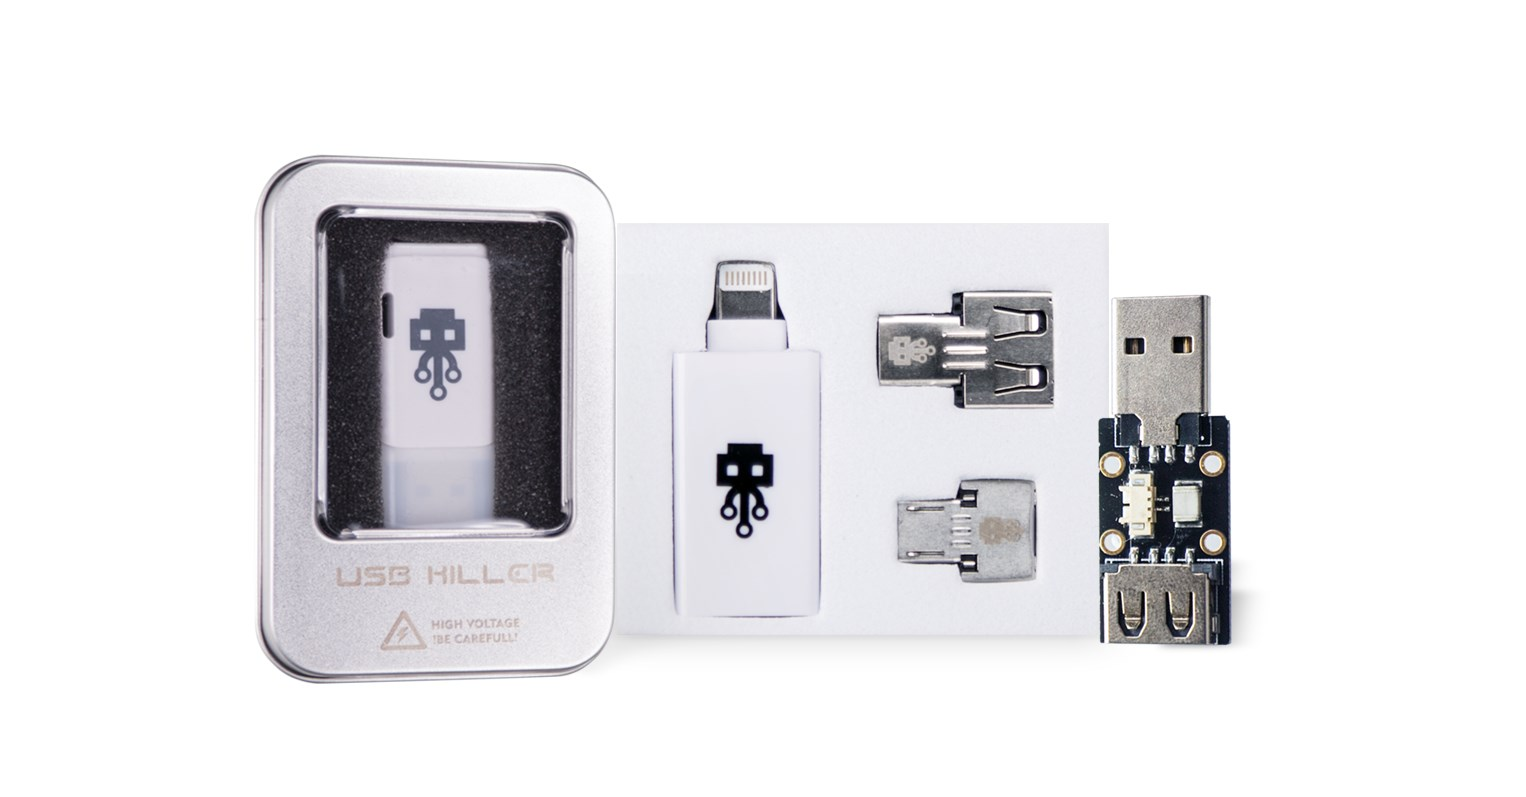 Csiklóizgató vibrátor, Qvibry Pendrive 4 GB USB, tölthető